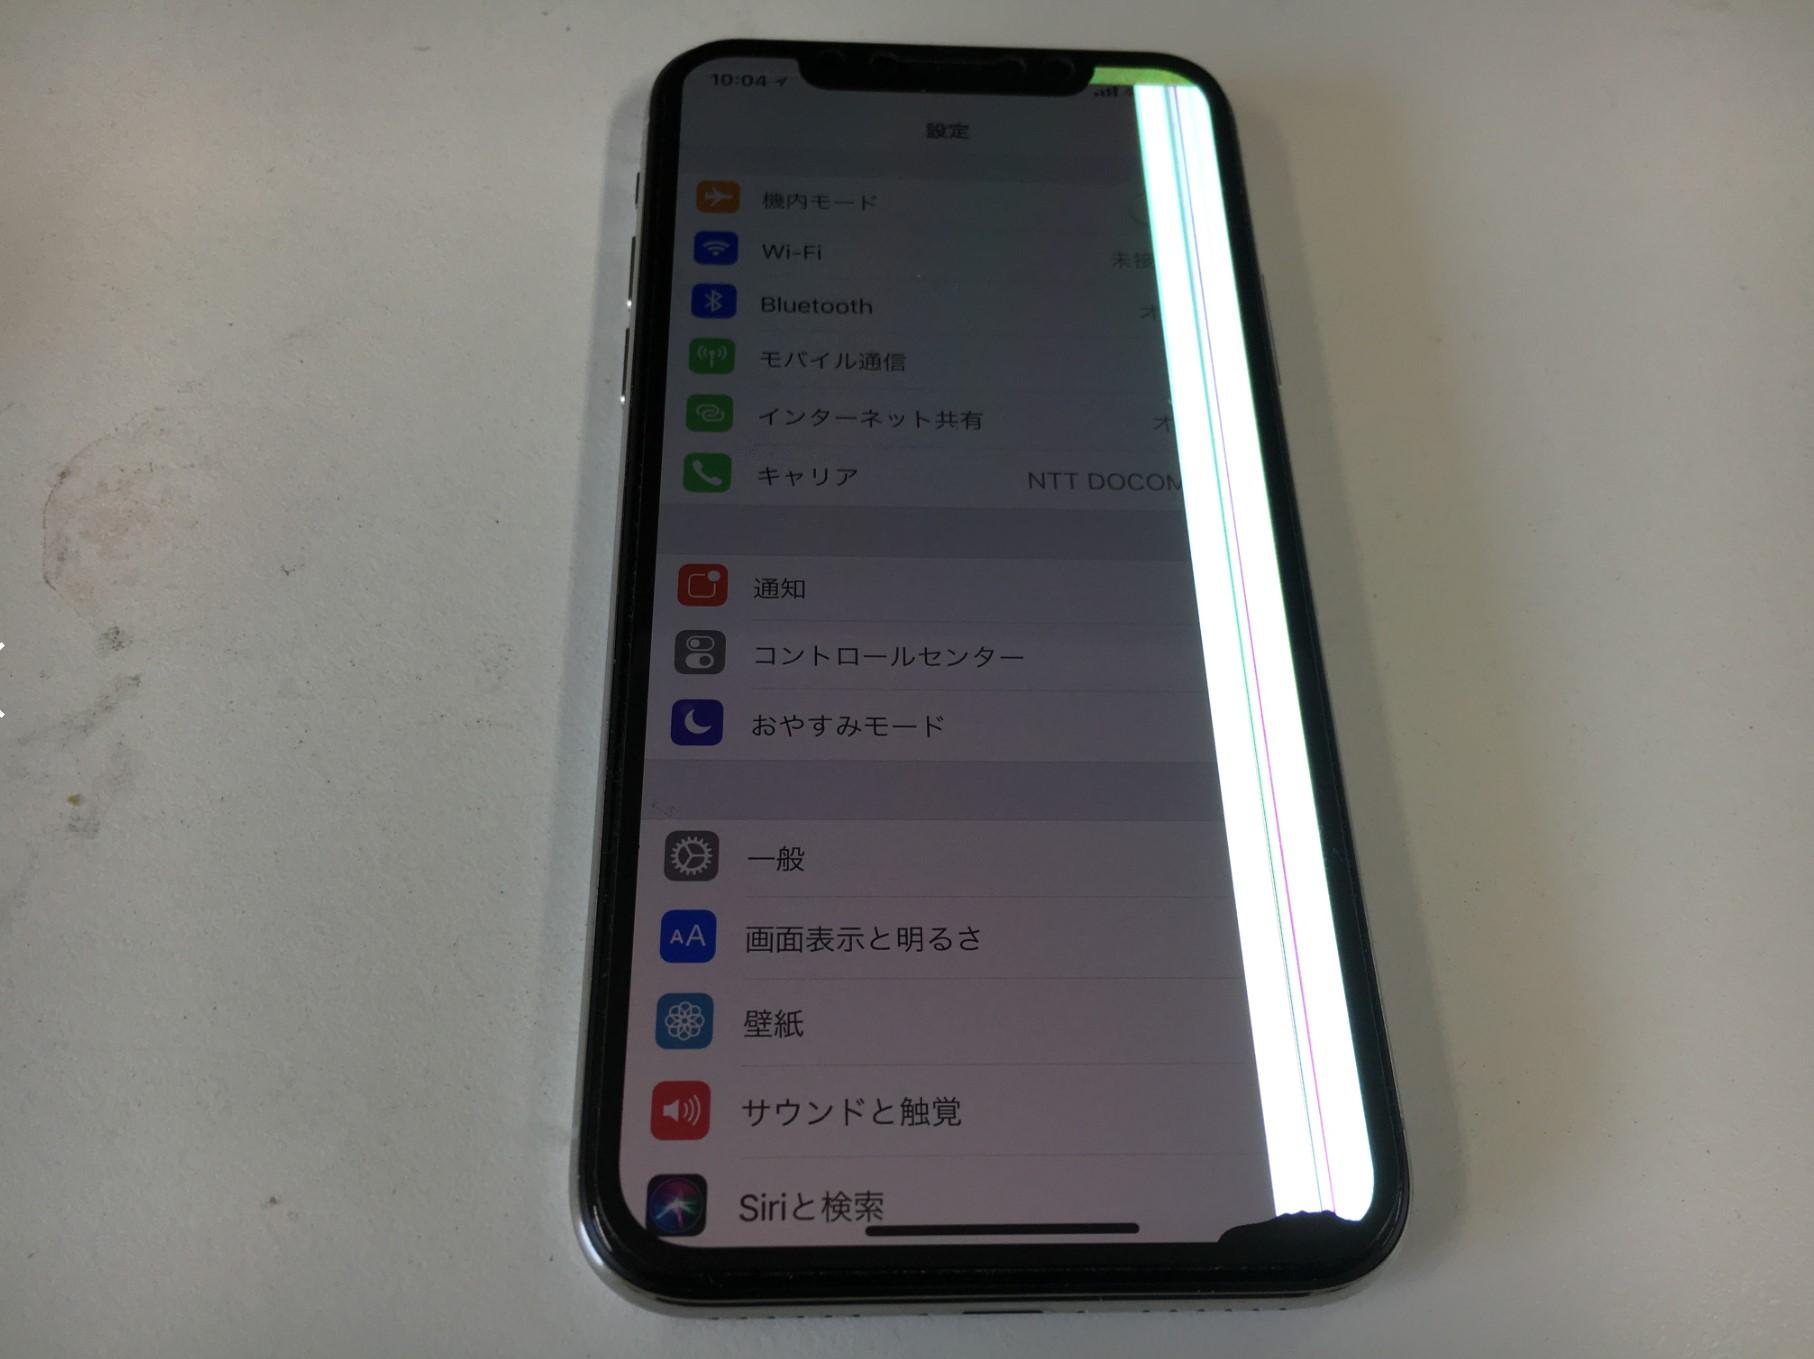 iPhoneX(テン)の有機ELに線が入って白く発光している